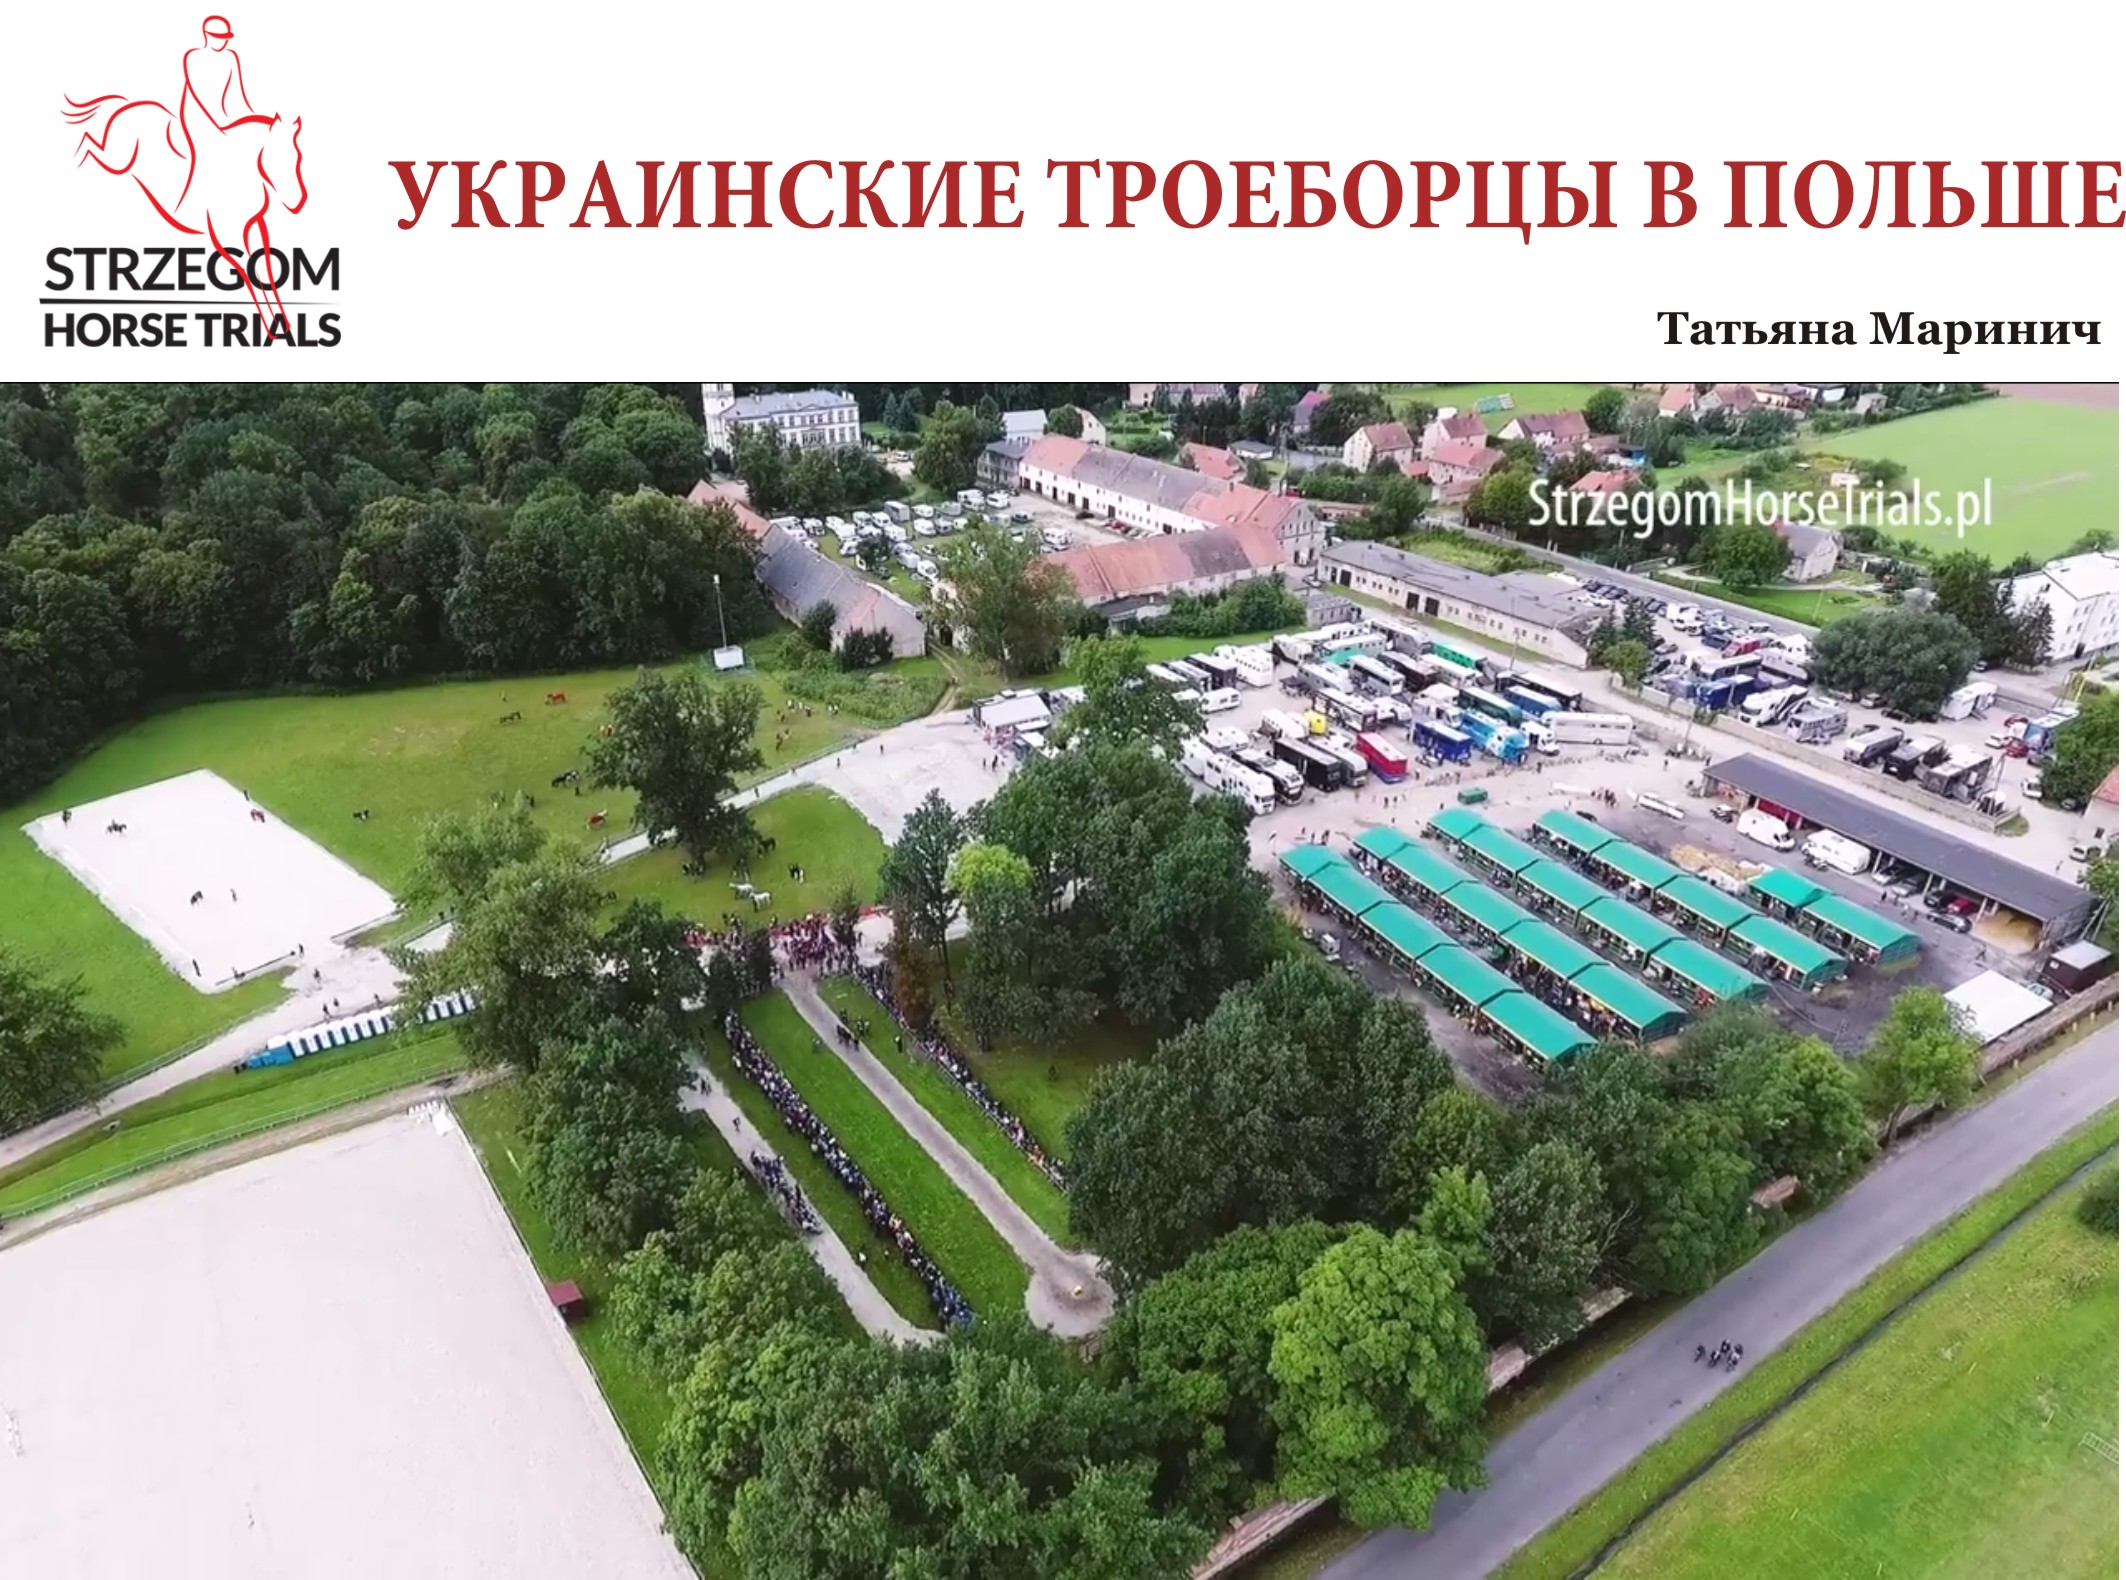 Украинские троеборцы в Польше_(выпуск журнала №42)